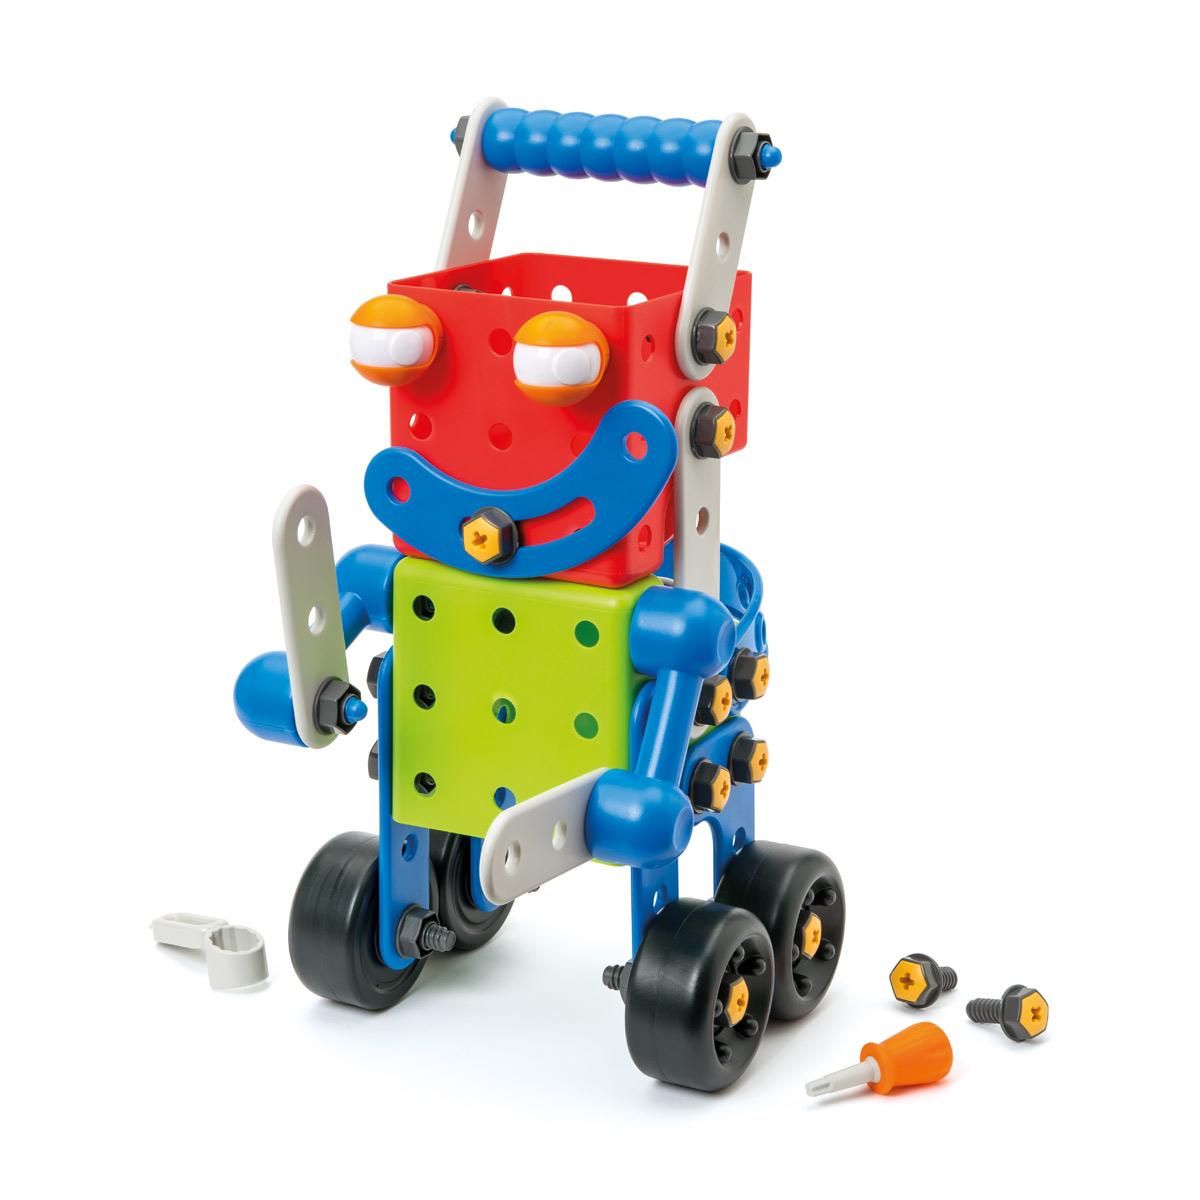 Robot Build It Géant 81 Pièces intérieur Jeux Pour Enfant De 3 Ans